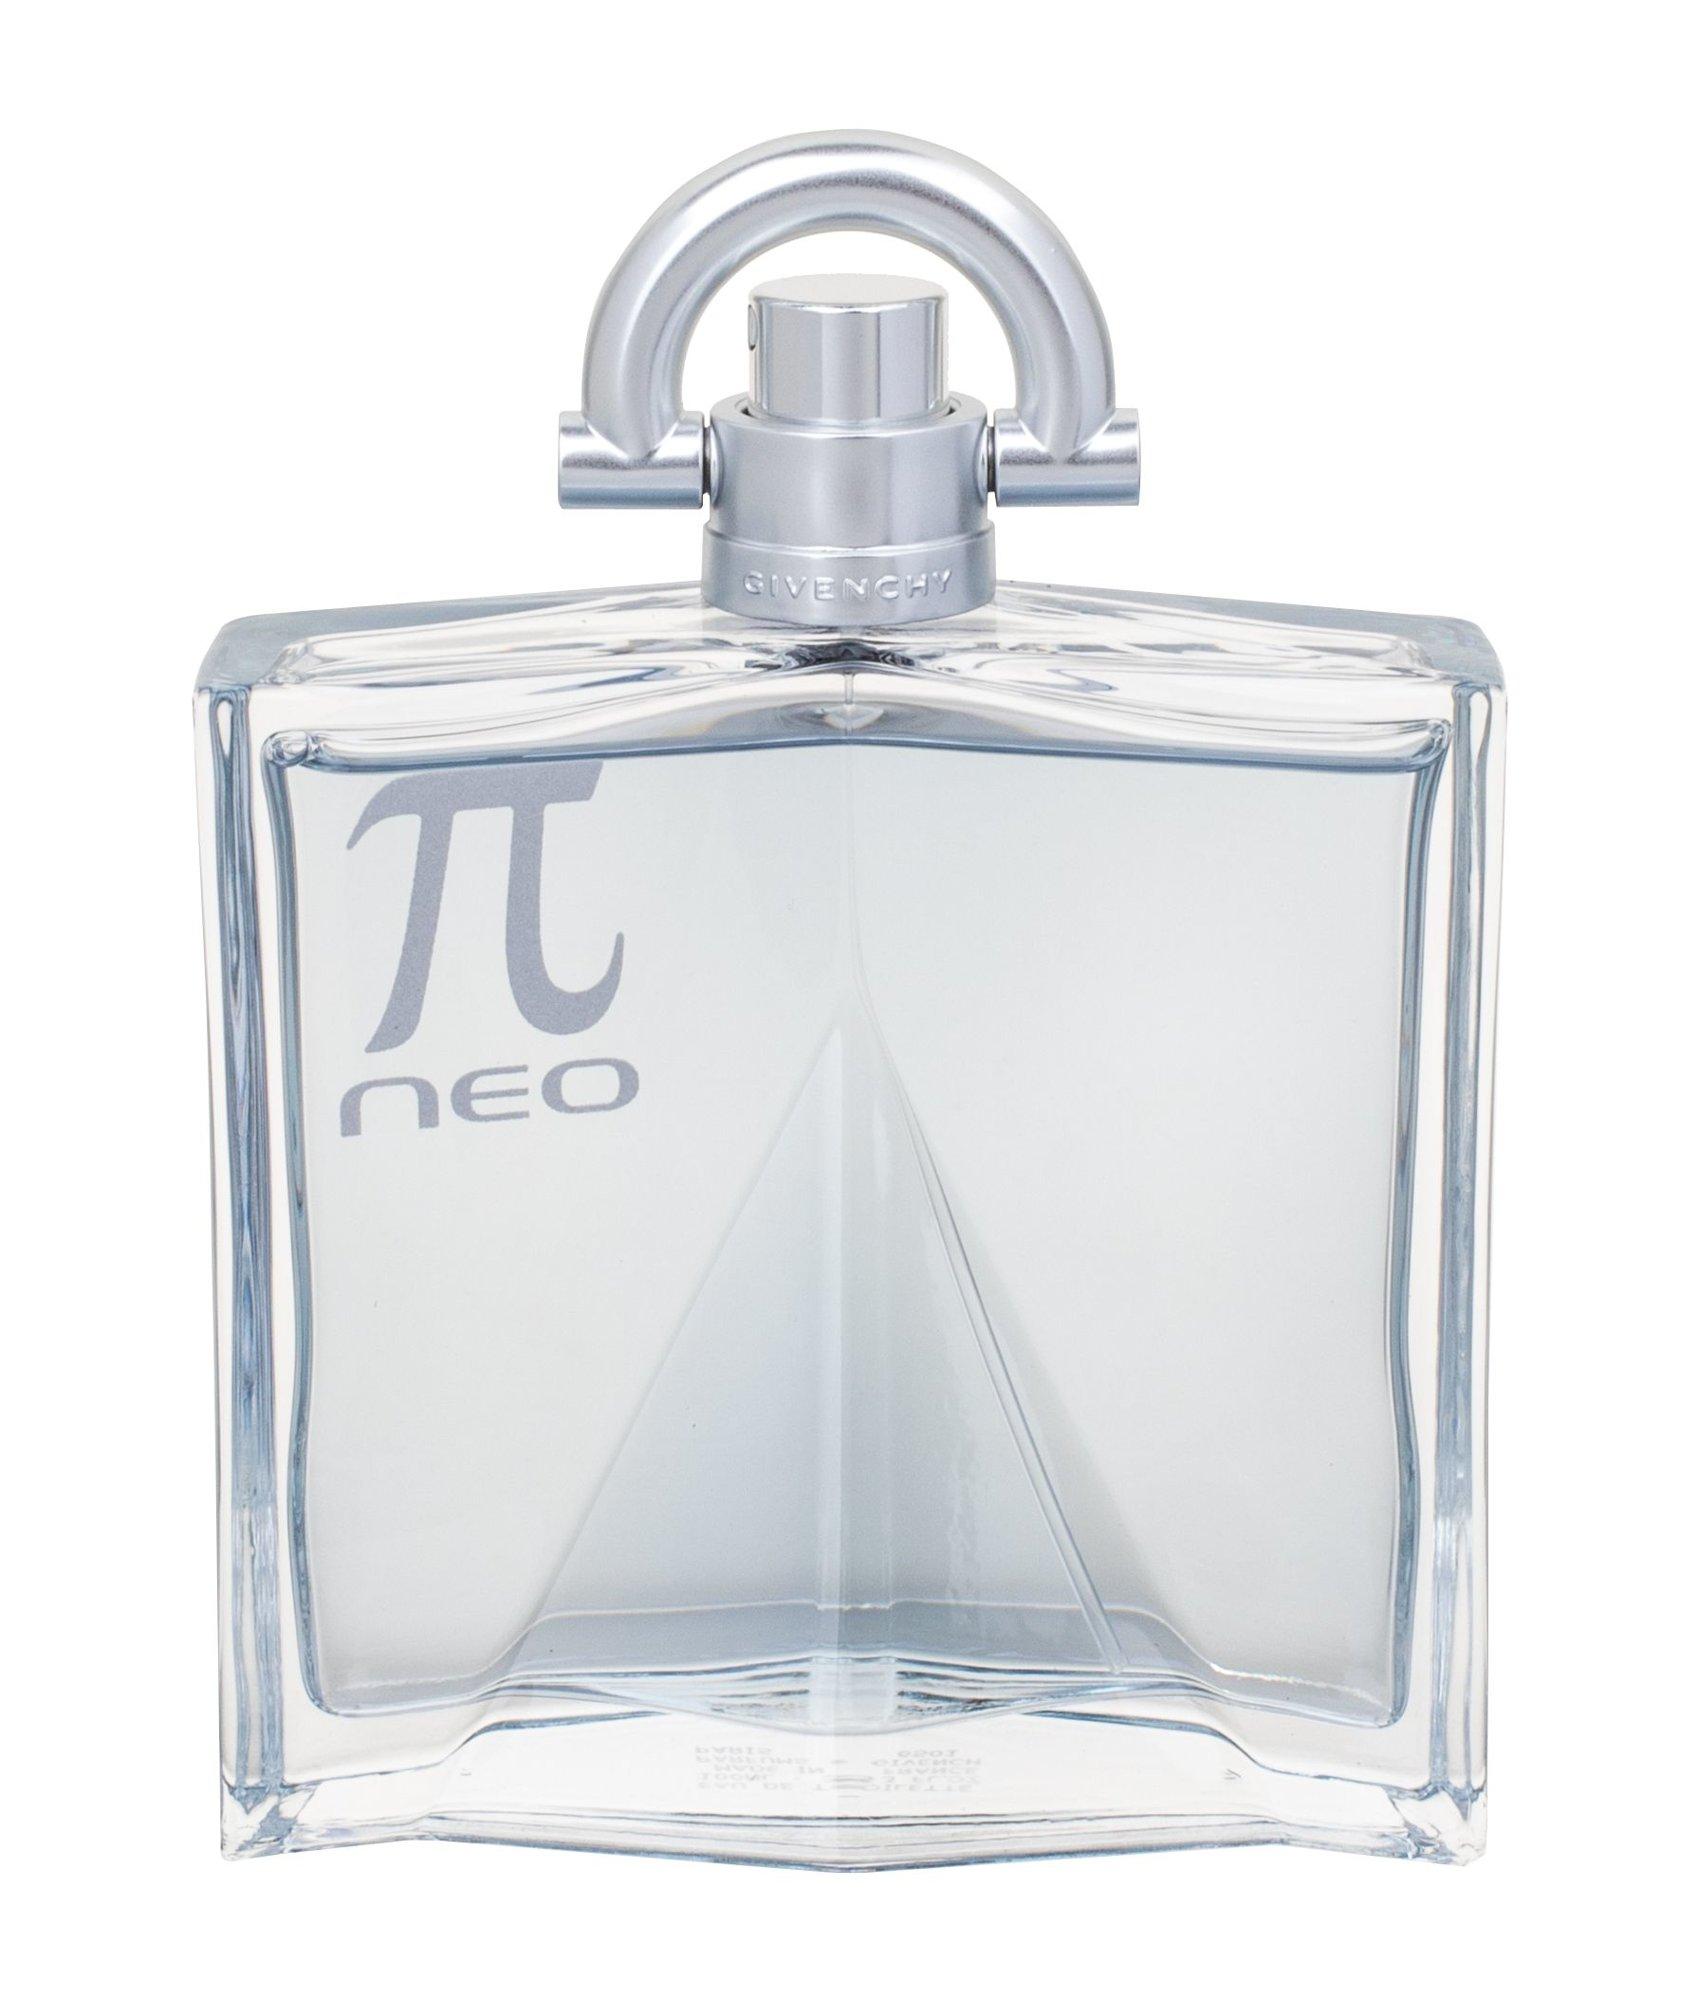 Givenchy Pí Neo, Toaletní voda 100ml, Tester